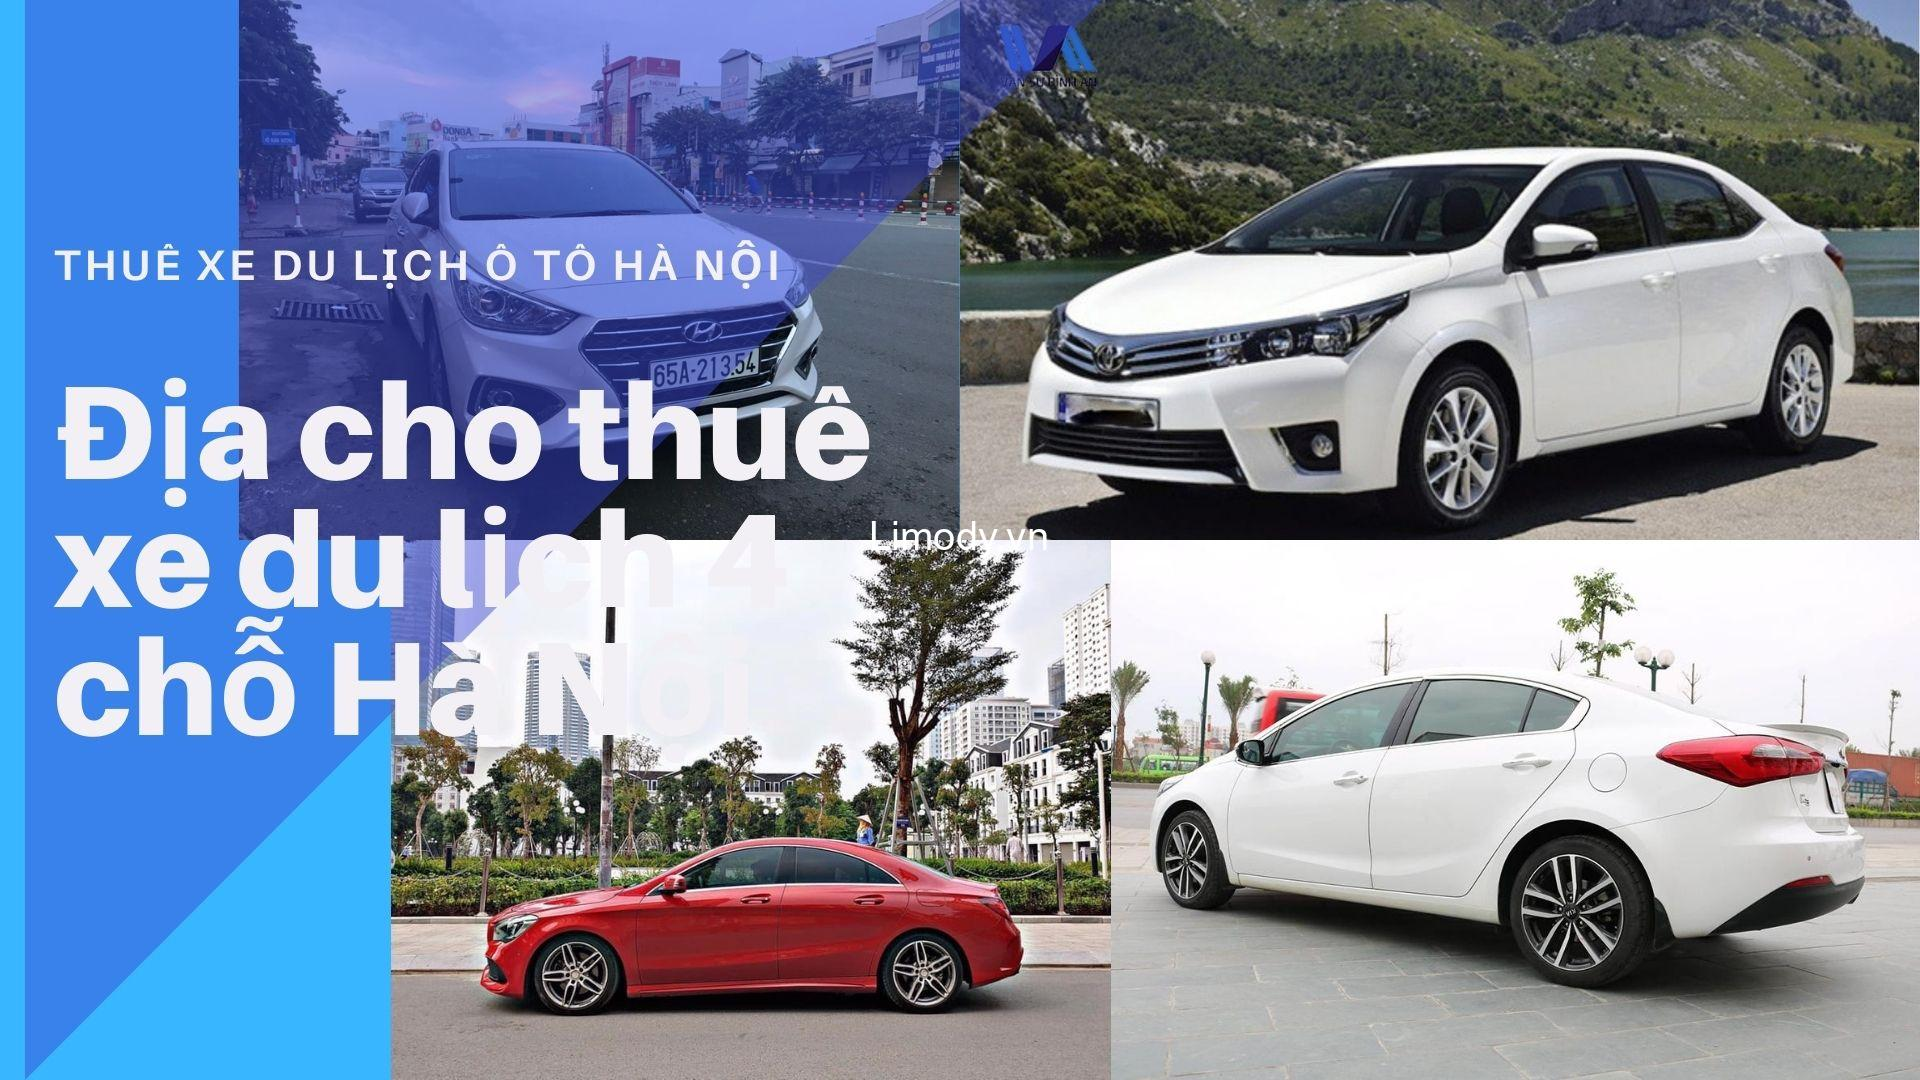 Top 20 Địa cho thuê xe du lịch Hà Nội: bảng giá, thủ tục hợp đồng A-Z